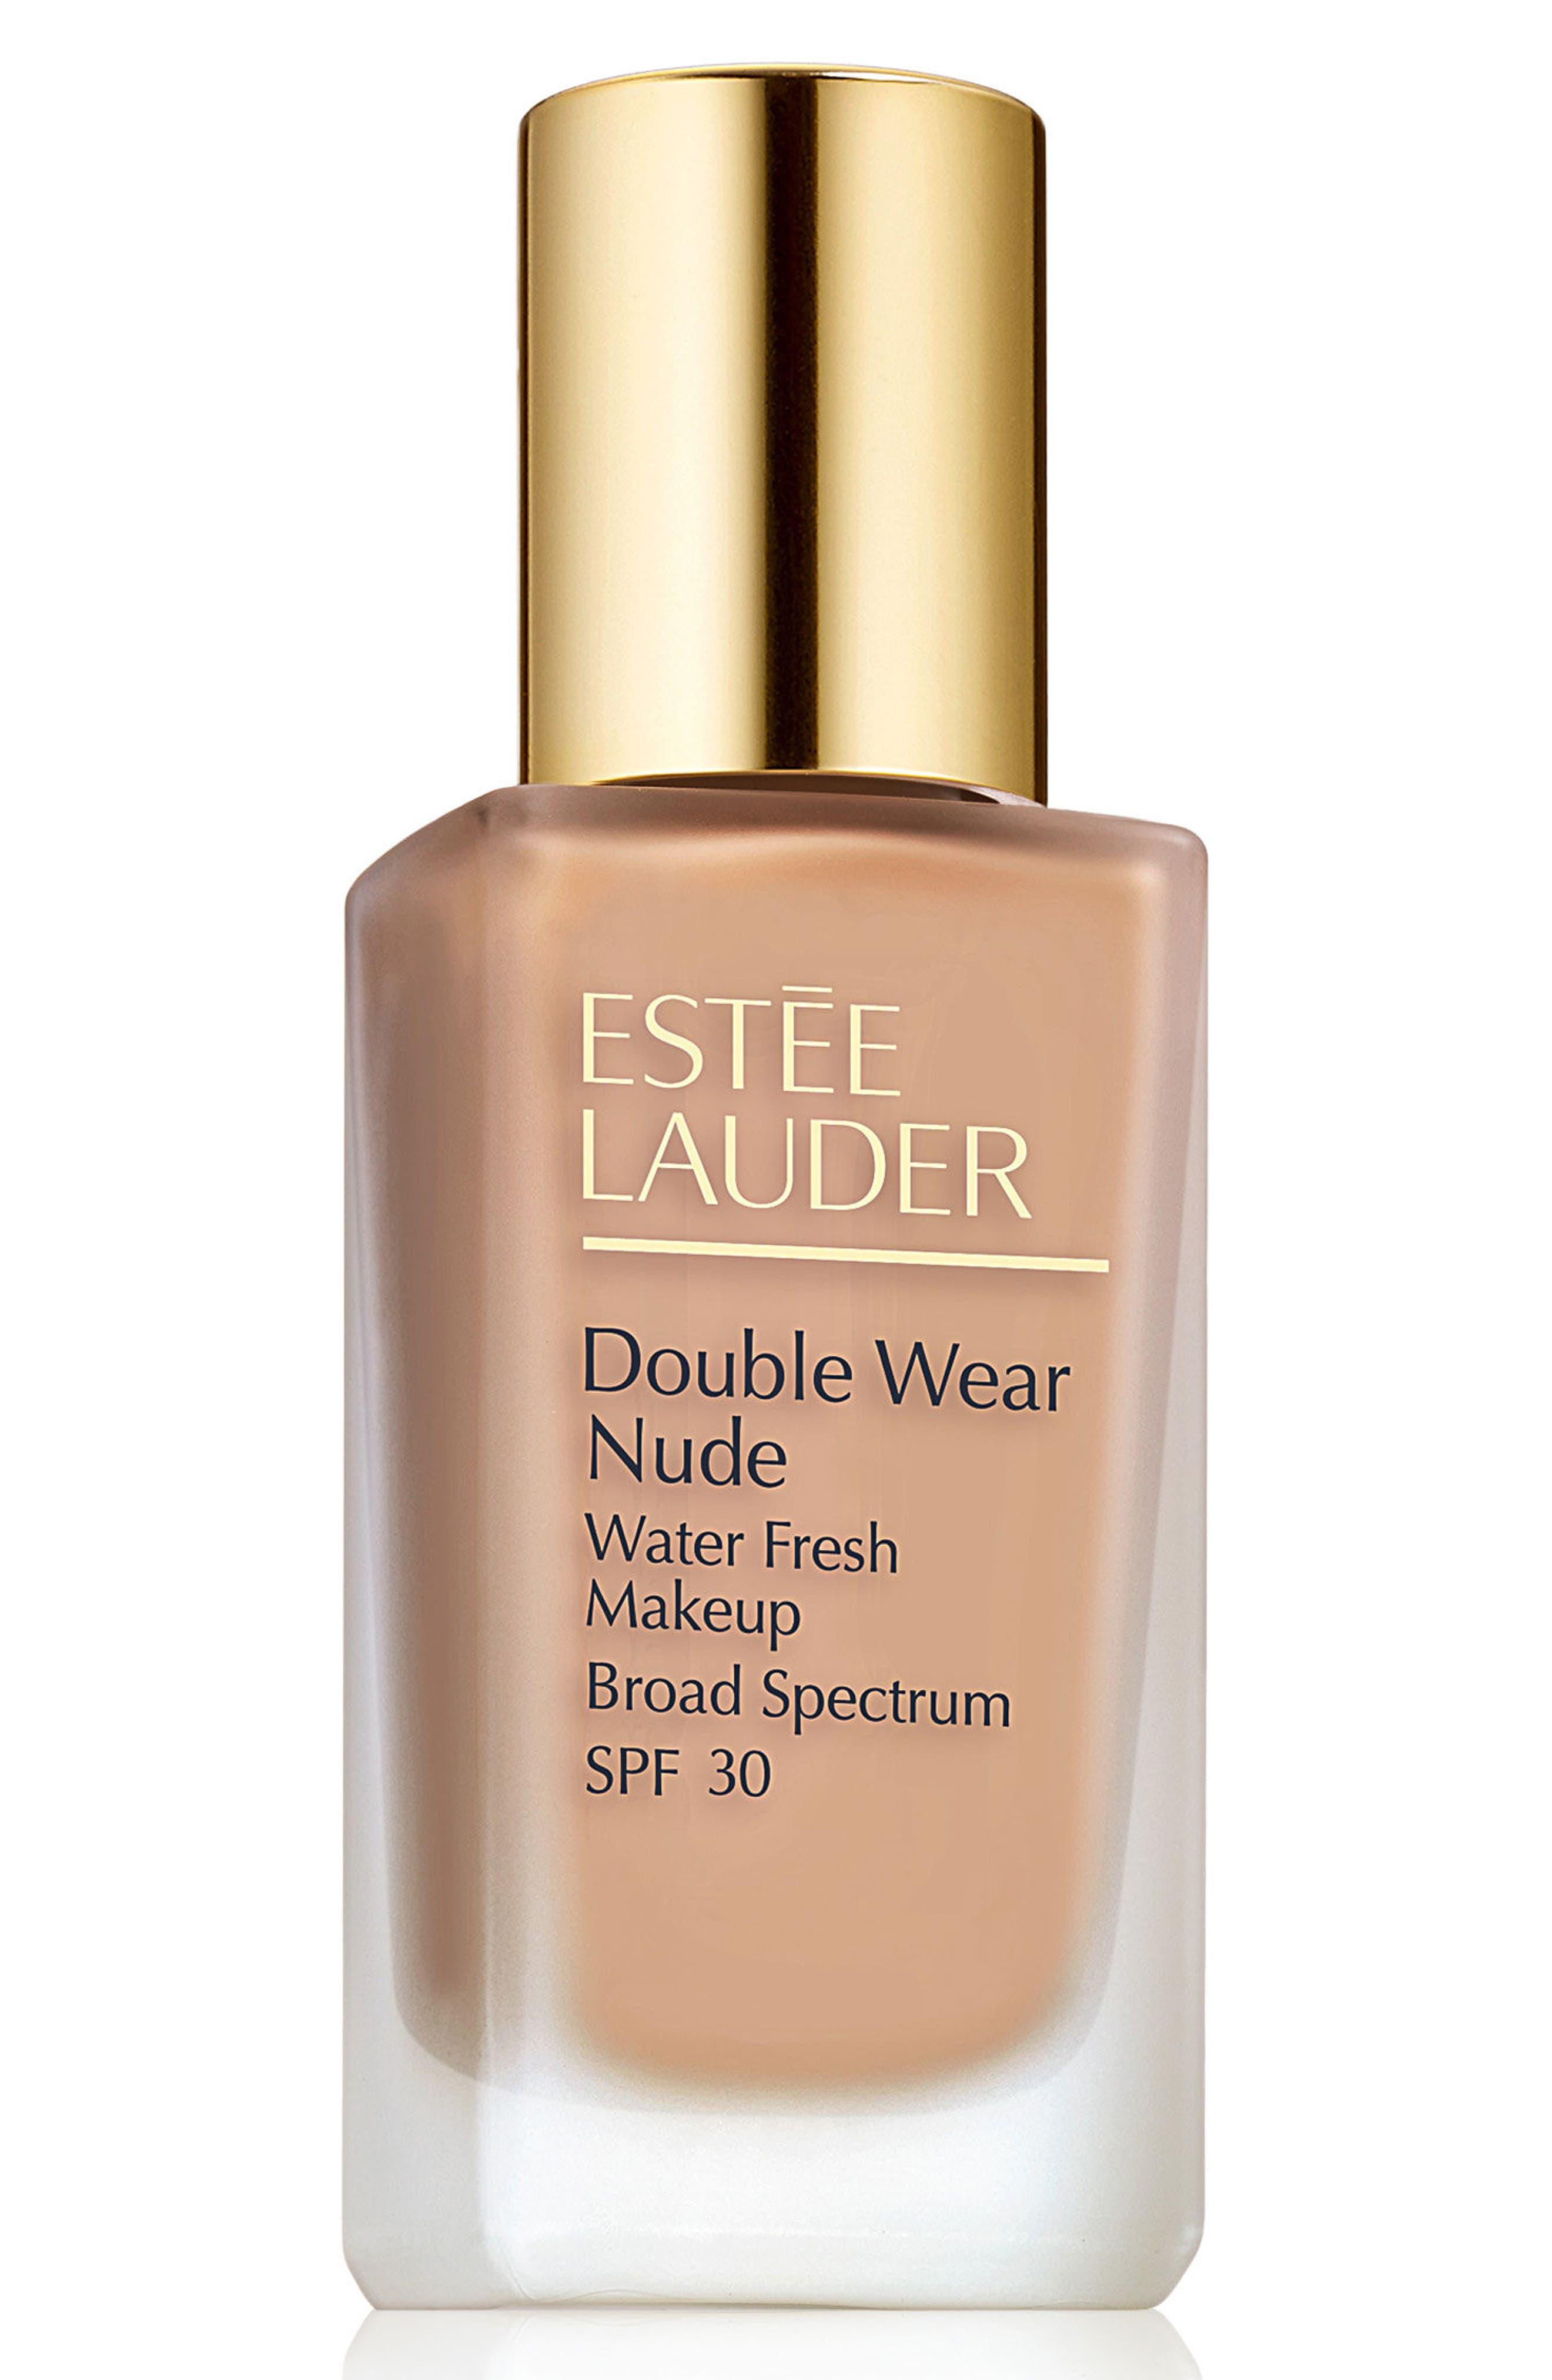 Estee Lauder Double Wear Nude Water Fresh Makeup Broad Spectrum Spf 30 - 2C3 Fresco